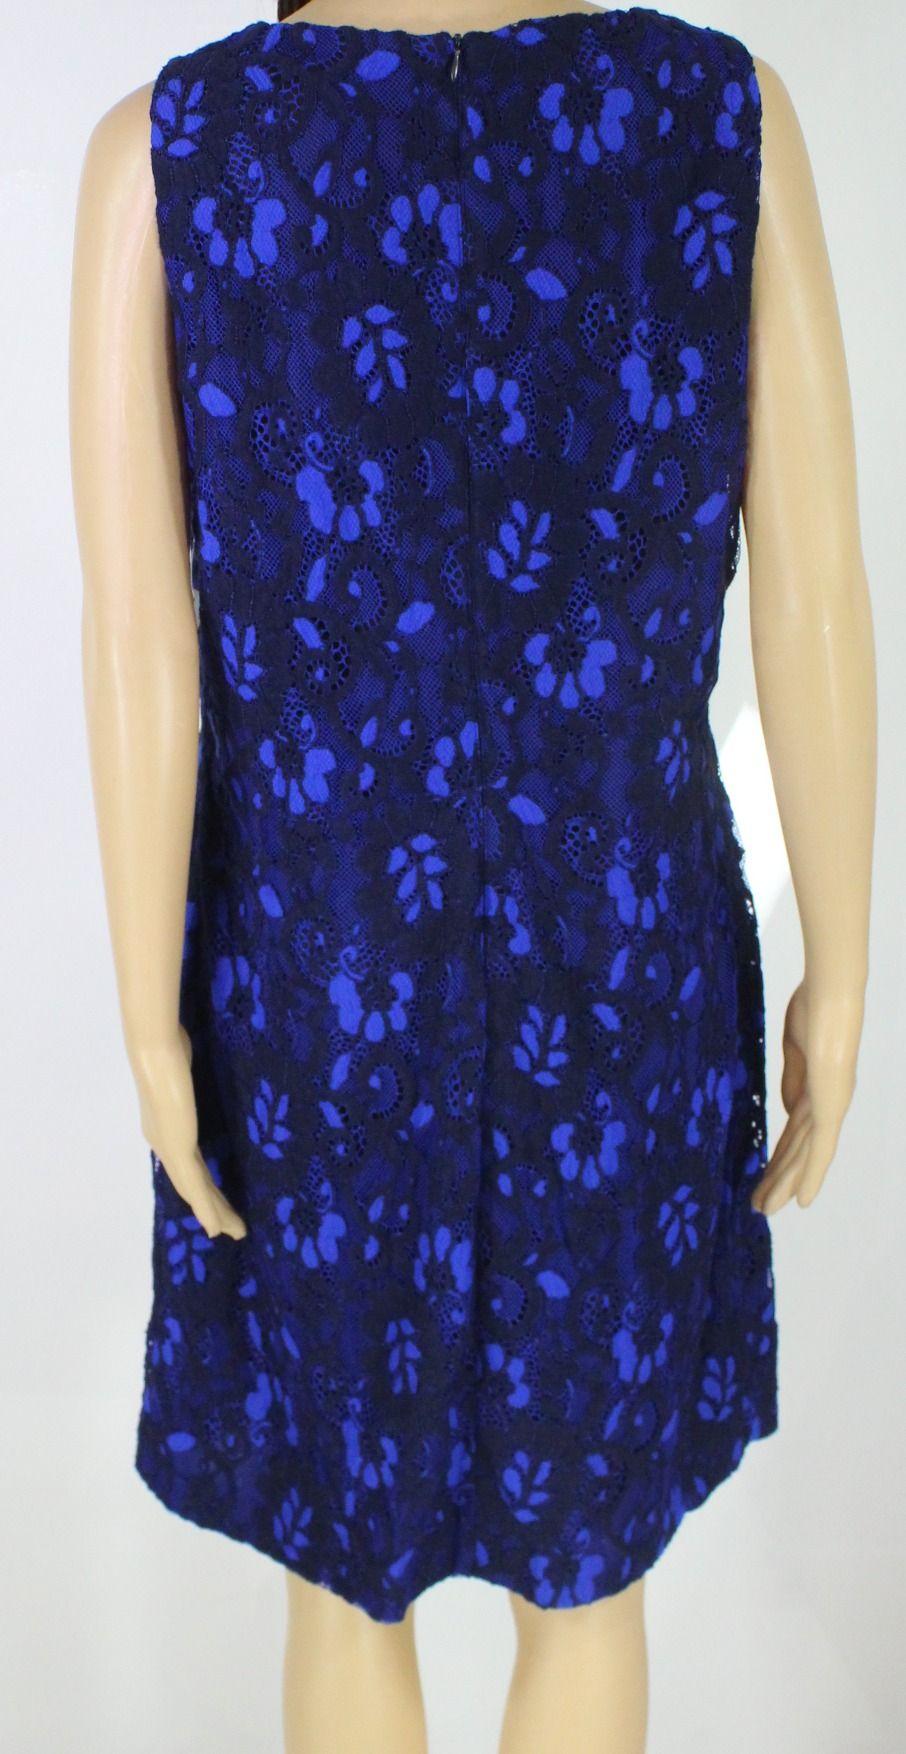 Lauren by Ralph Lauren Women's Dress Blue Size 10 Sheath Lace Floral